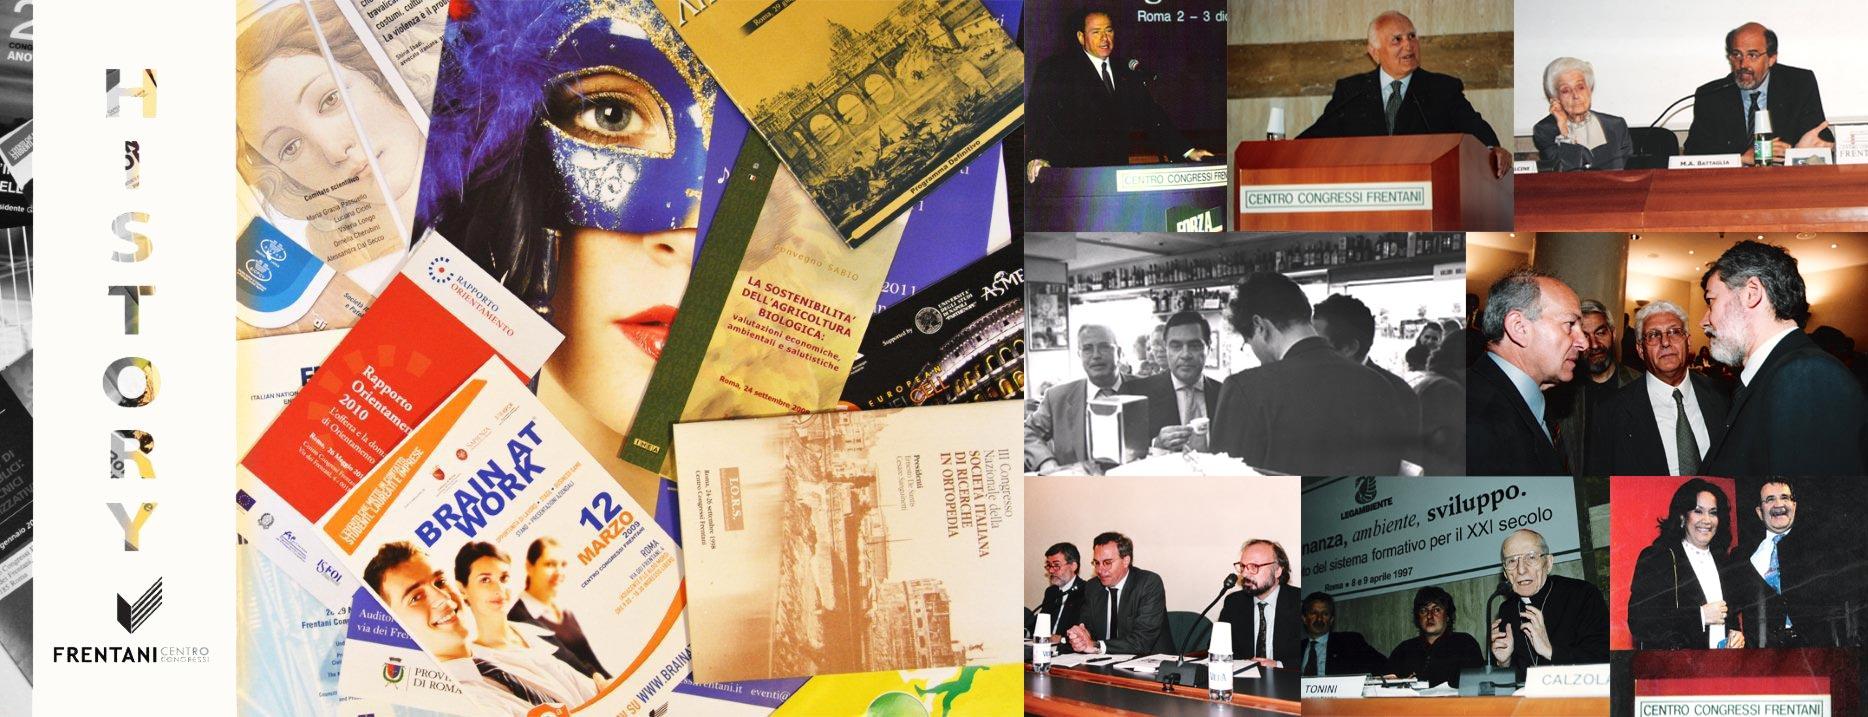 Storia del Centro Congressi Frentani